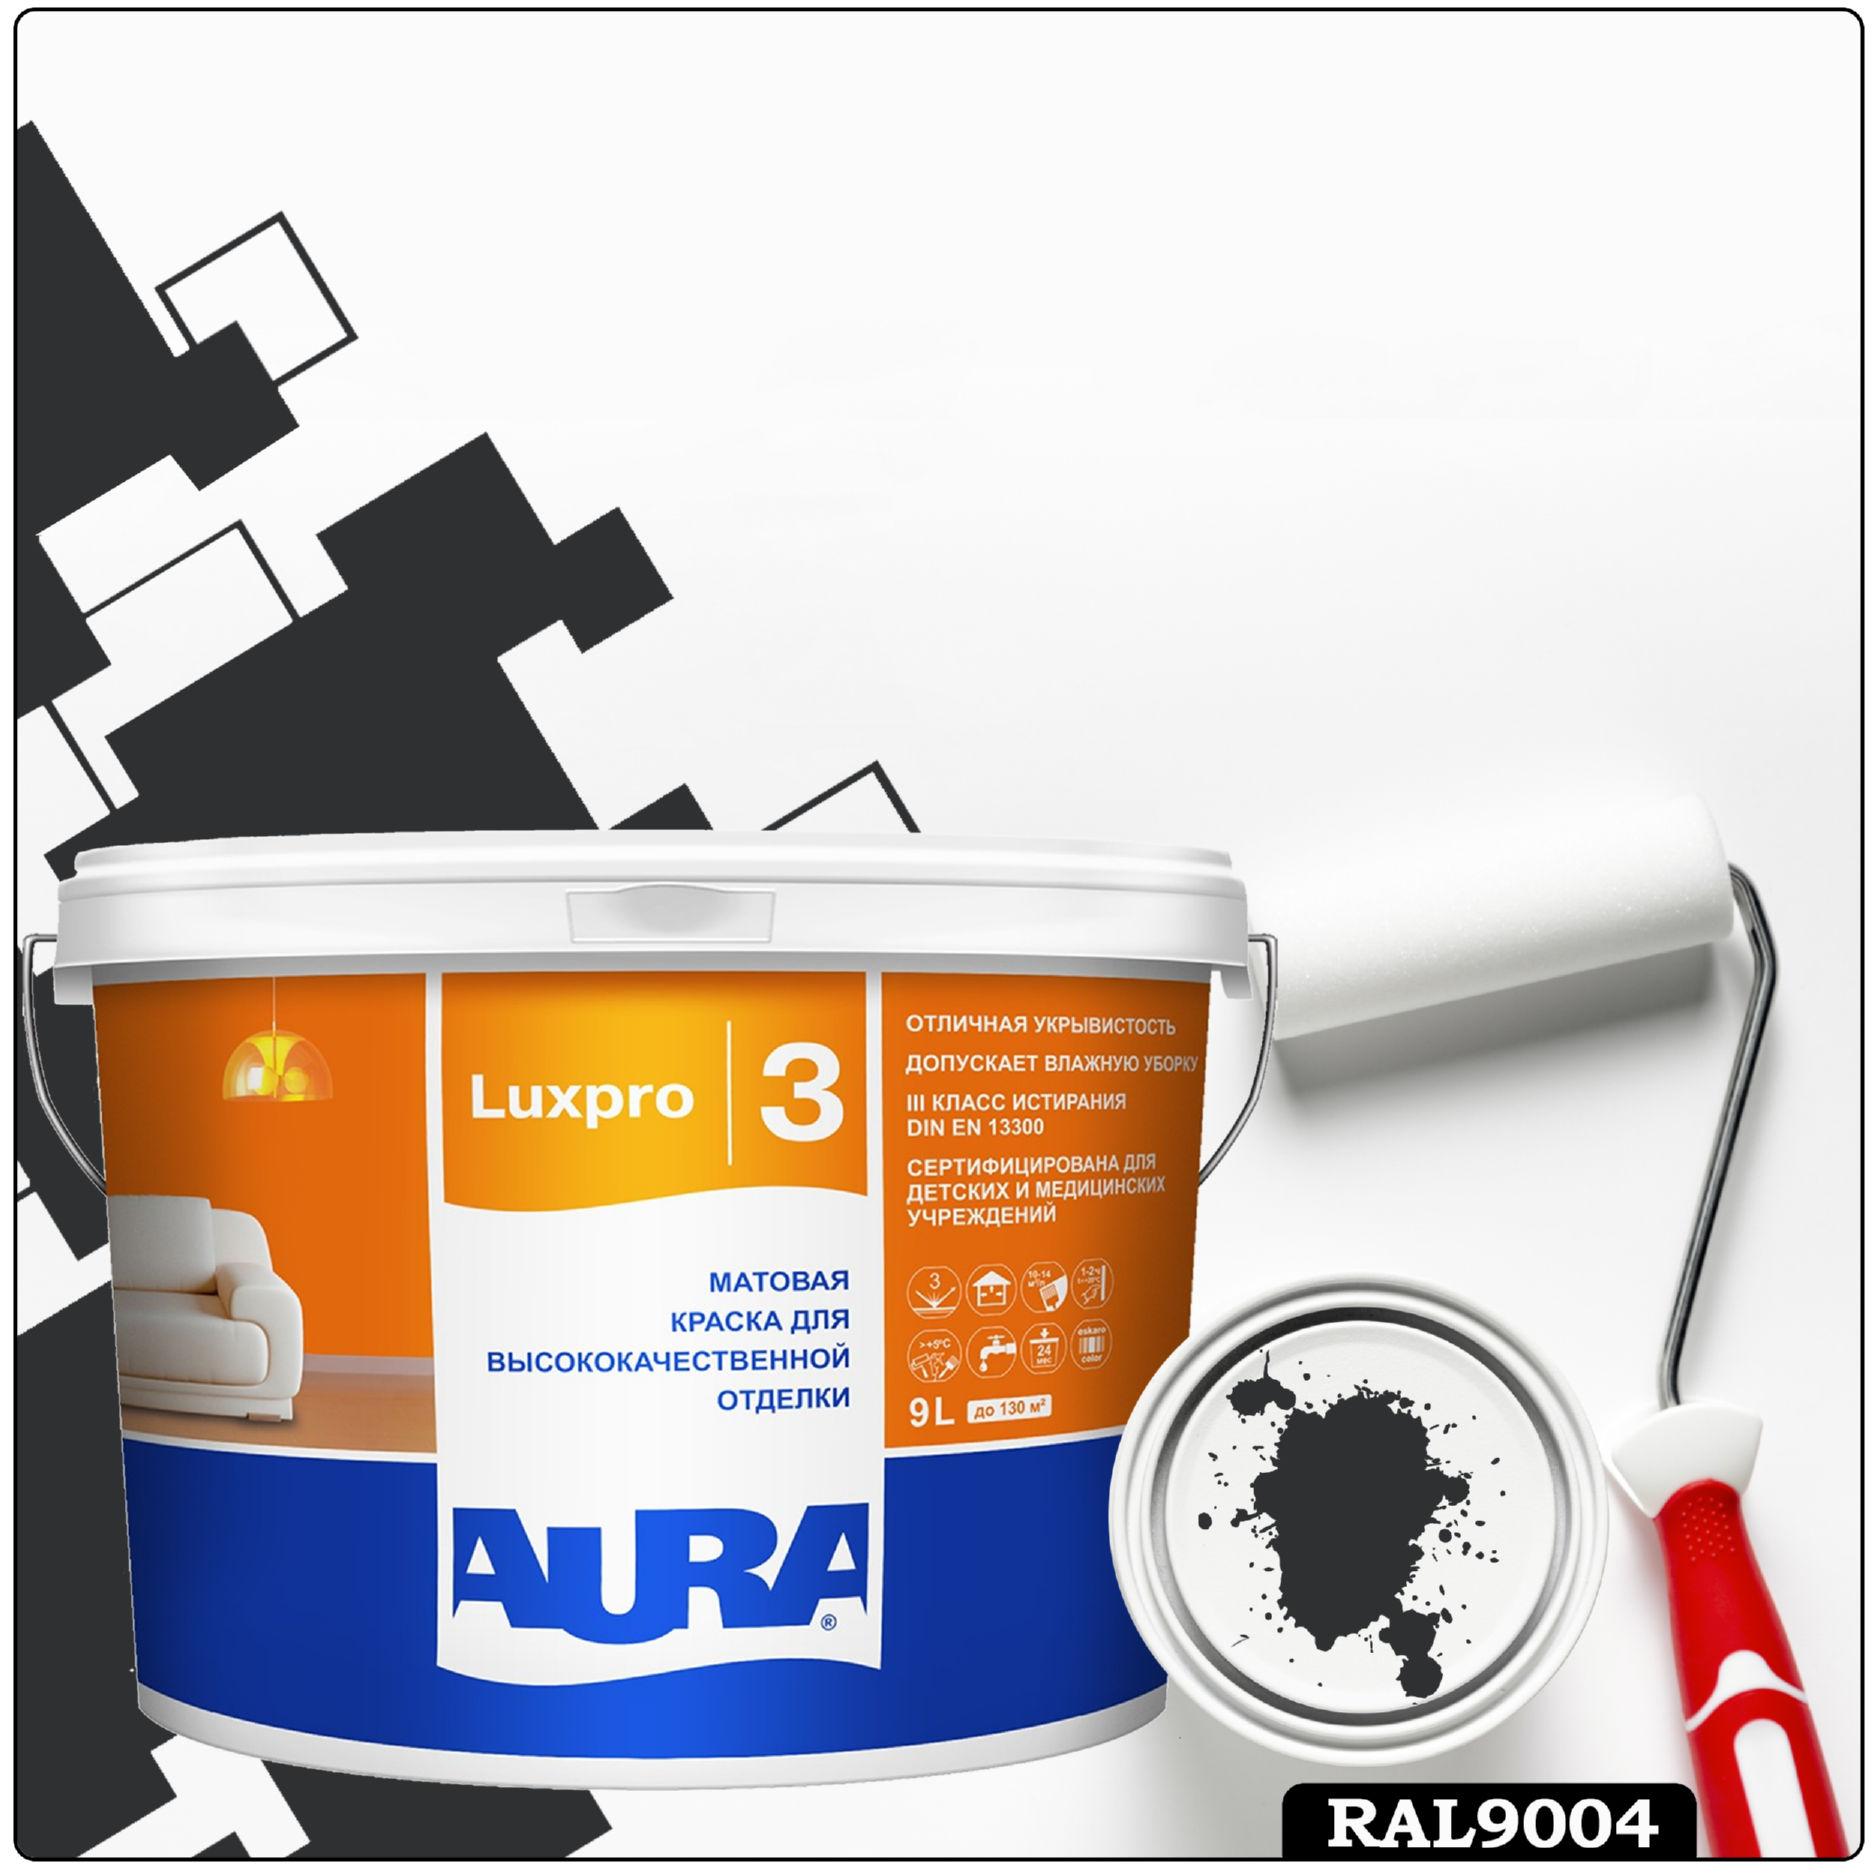 Фото 4 - Краска Aura LuxPRO 3, RAL 9004 Сигнальный черный, латексная, шелково-матовая, интерьерная, 9л, Аура.